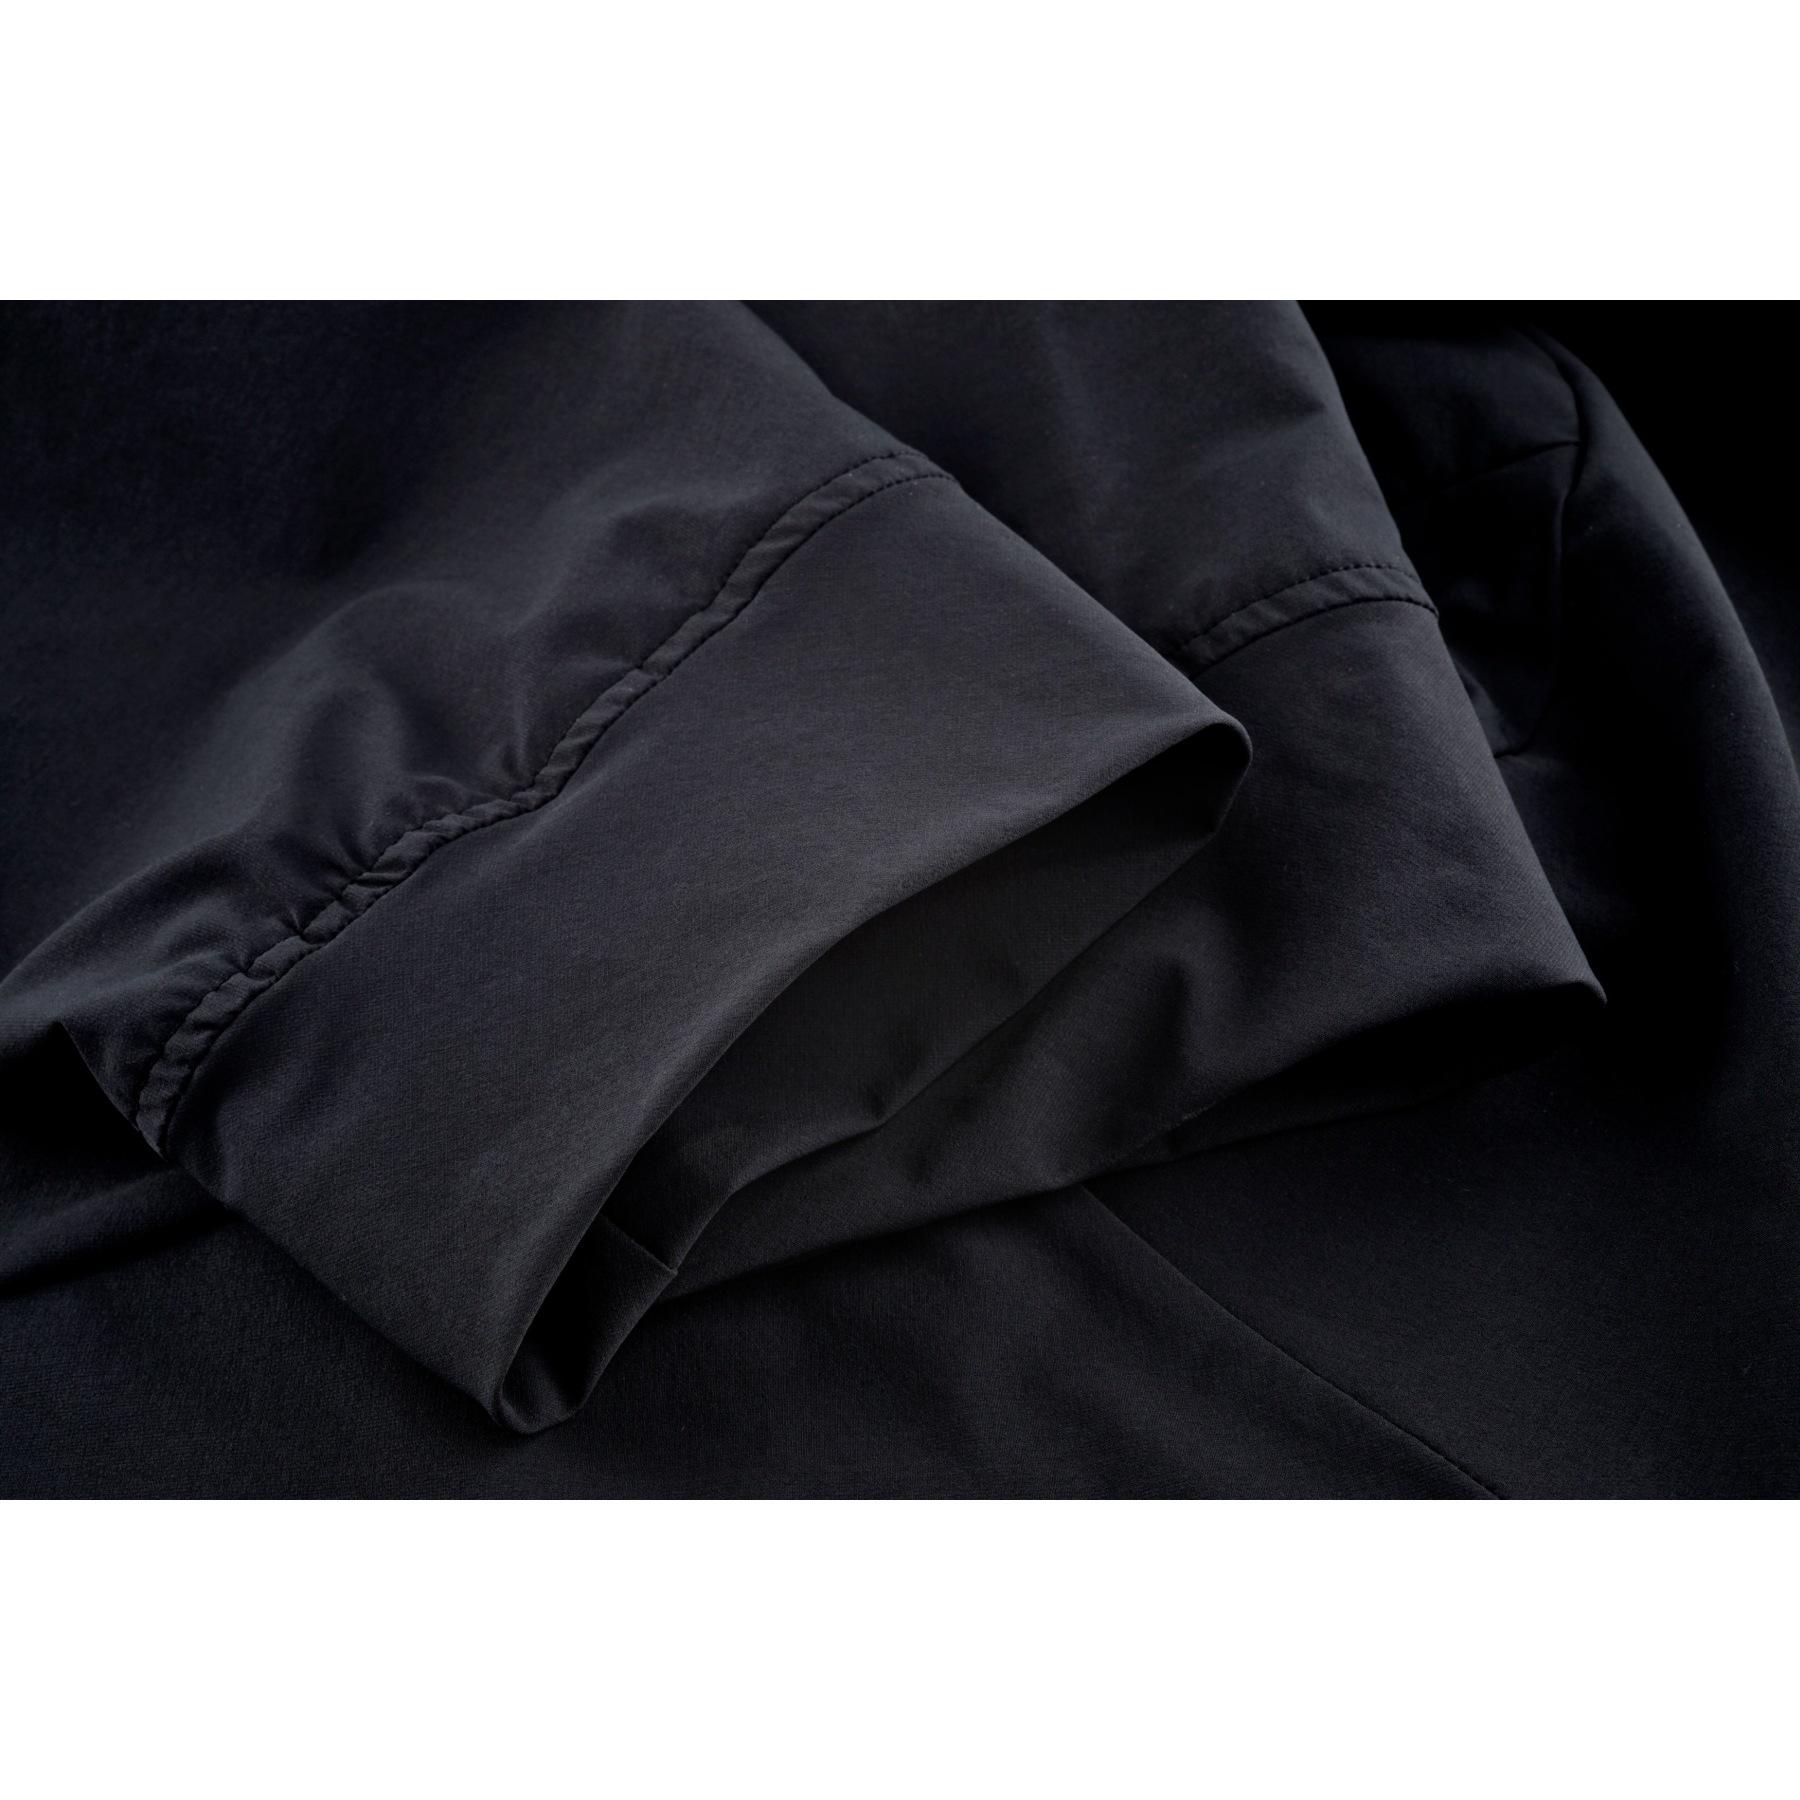 Imagen de 7mesh Glidepath Pantalones - negro